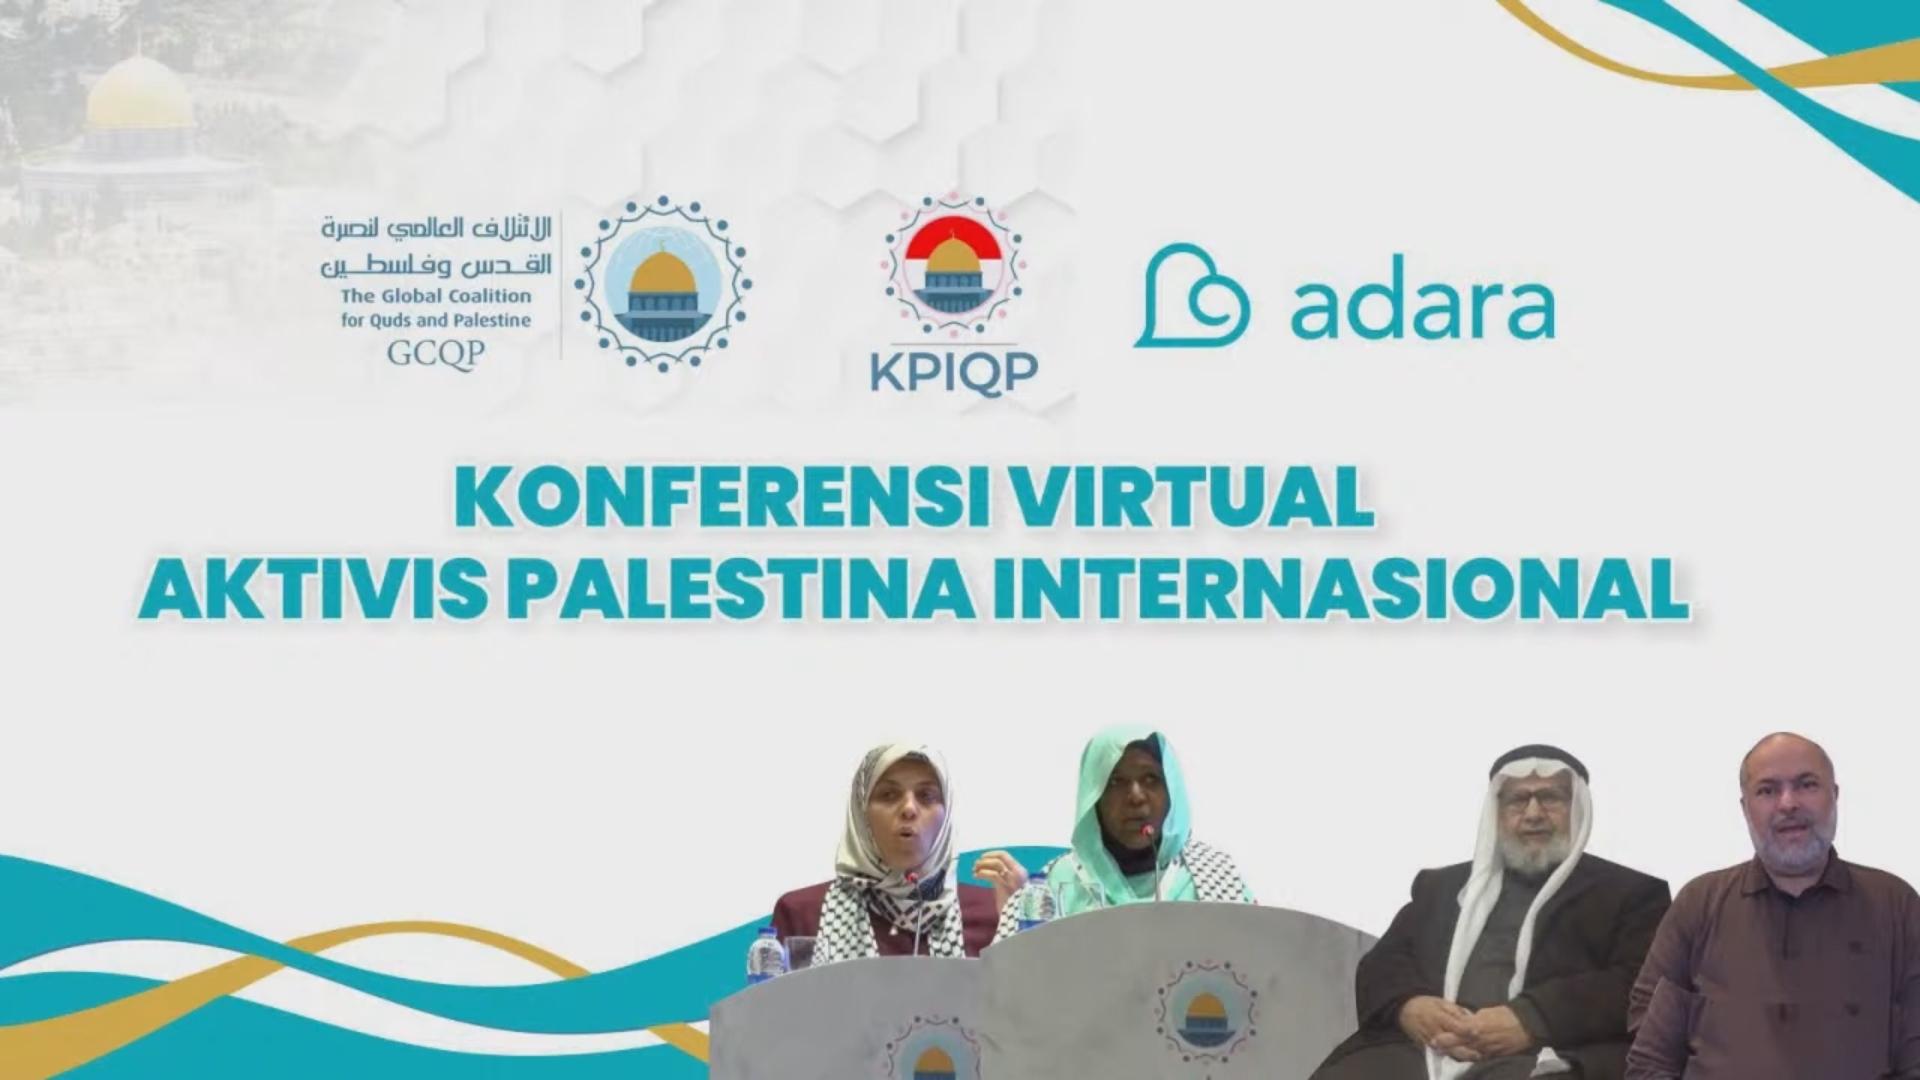 Konferensi Aktivis Palestina Internasional: Kontribusi Nyata Jaga Amanah Palestina